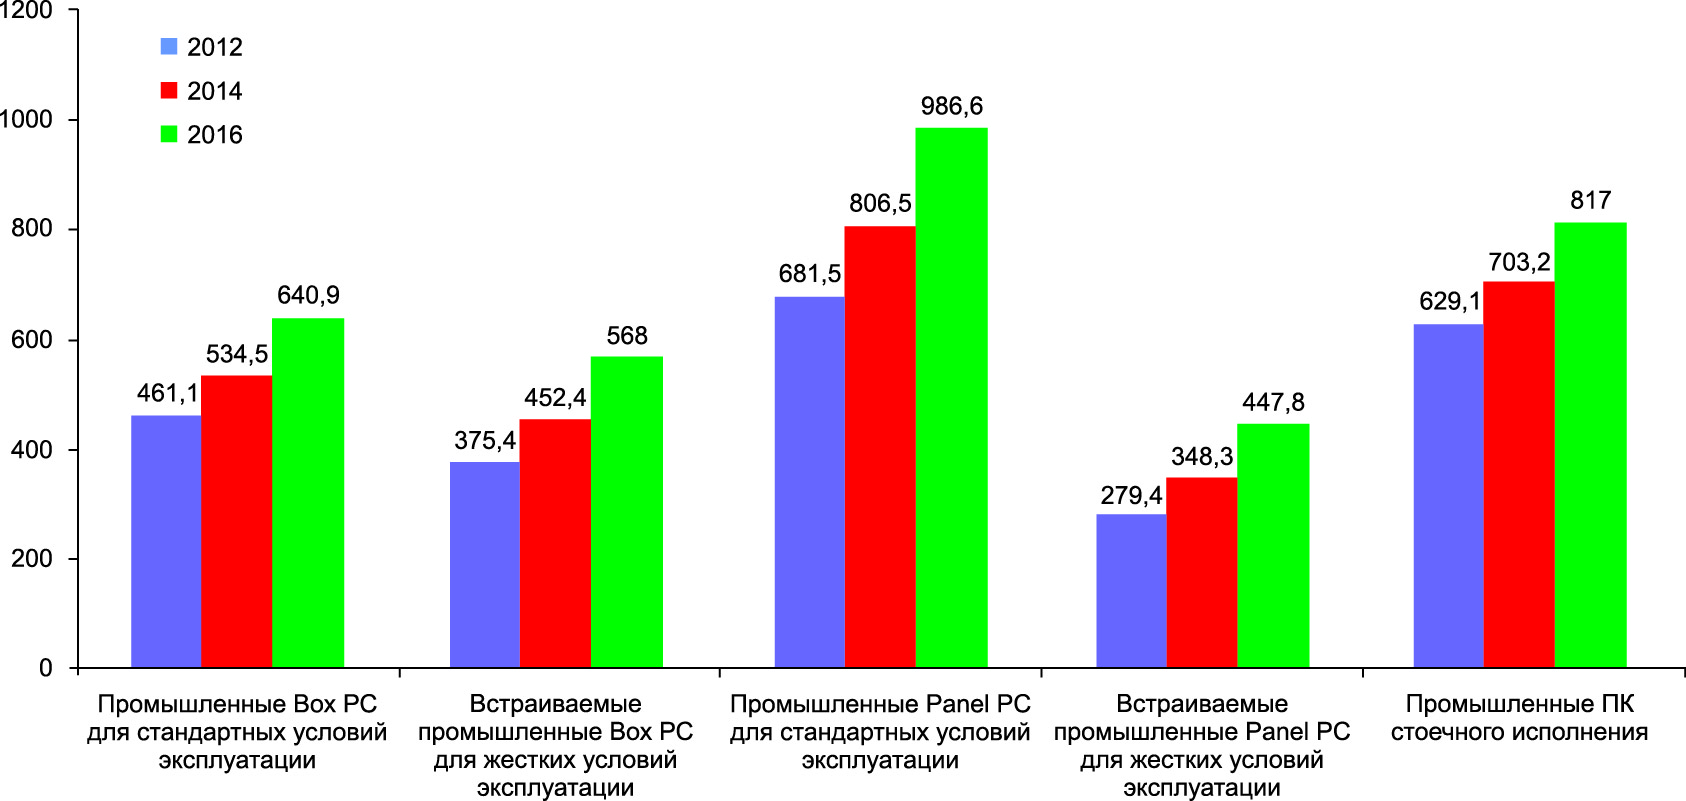 Динамика объемов продаж различных типов промышленных ПК на мировом рынке в 2012–2016 гг. (источник: IMS Research, 2013)